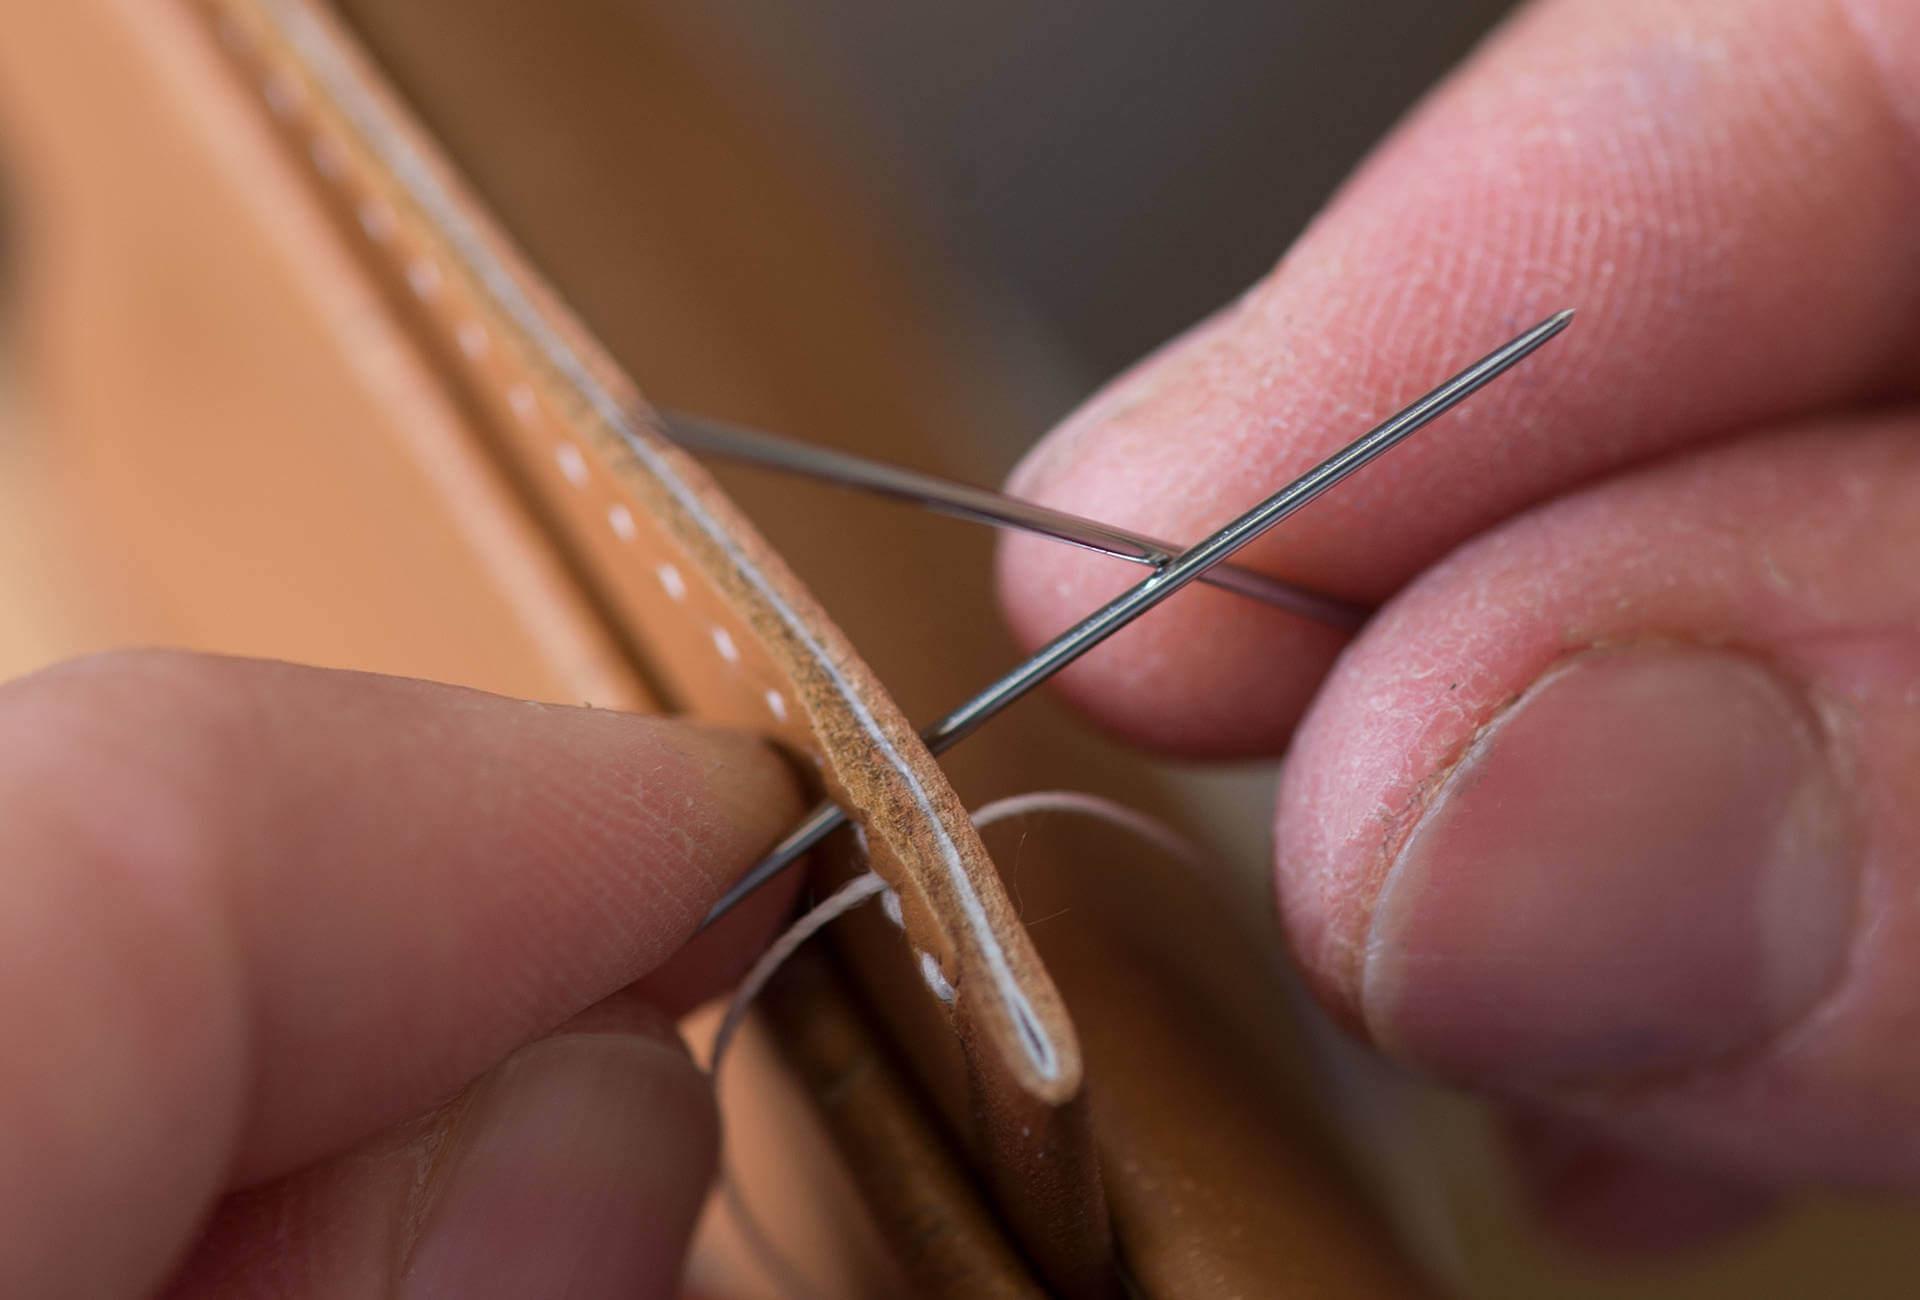 D Ou Vient Le Cuir les bracelets hermès, des pépites de cuir – fhh journal